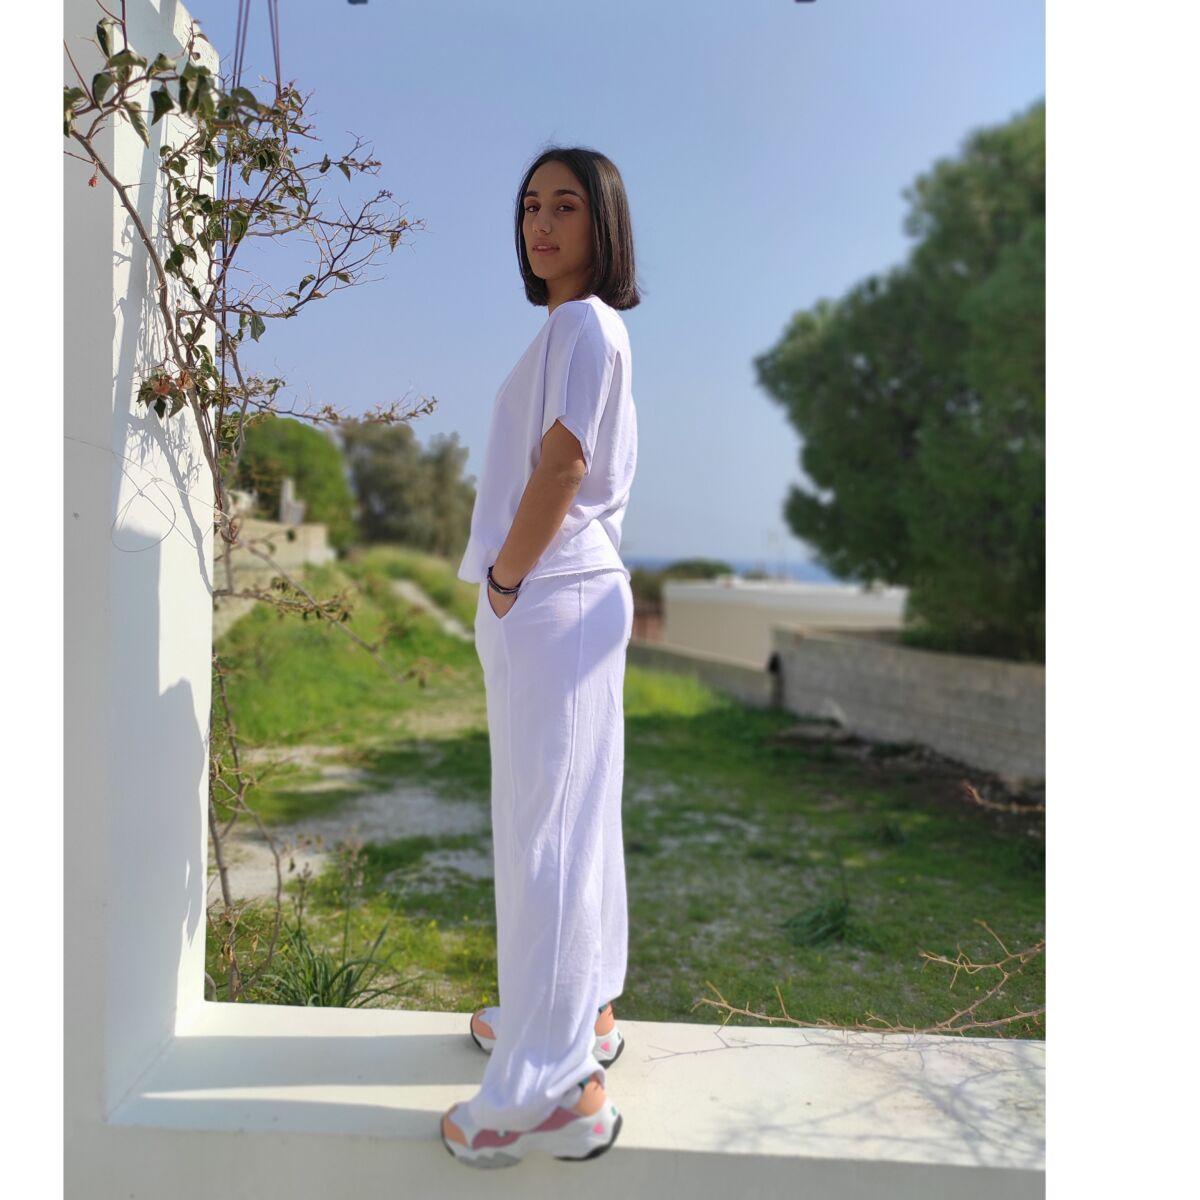 Σετ φόρμας λευκό Ρούχα Ρούχα αξεσουάρ 2